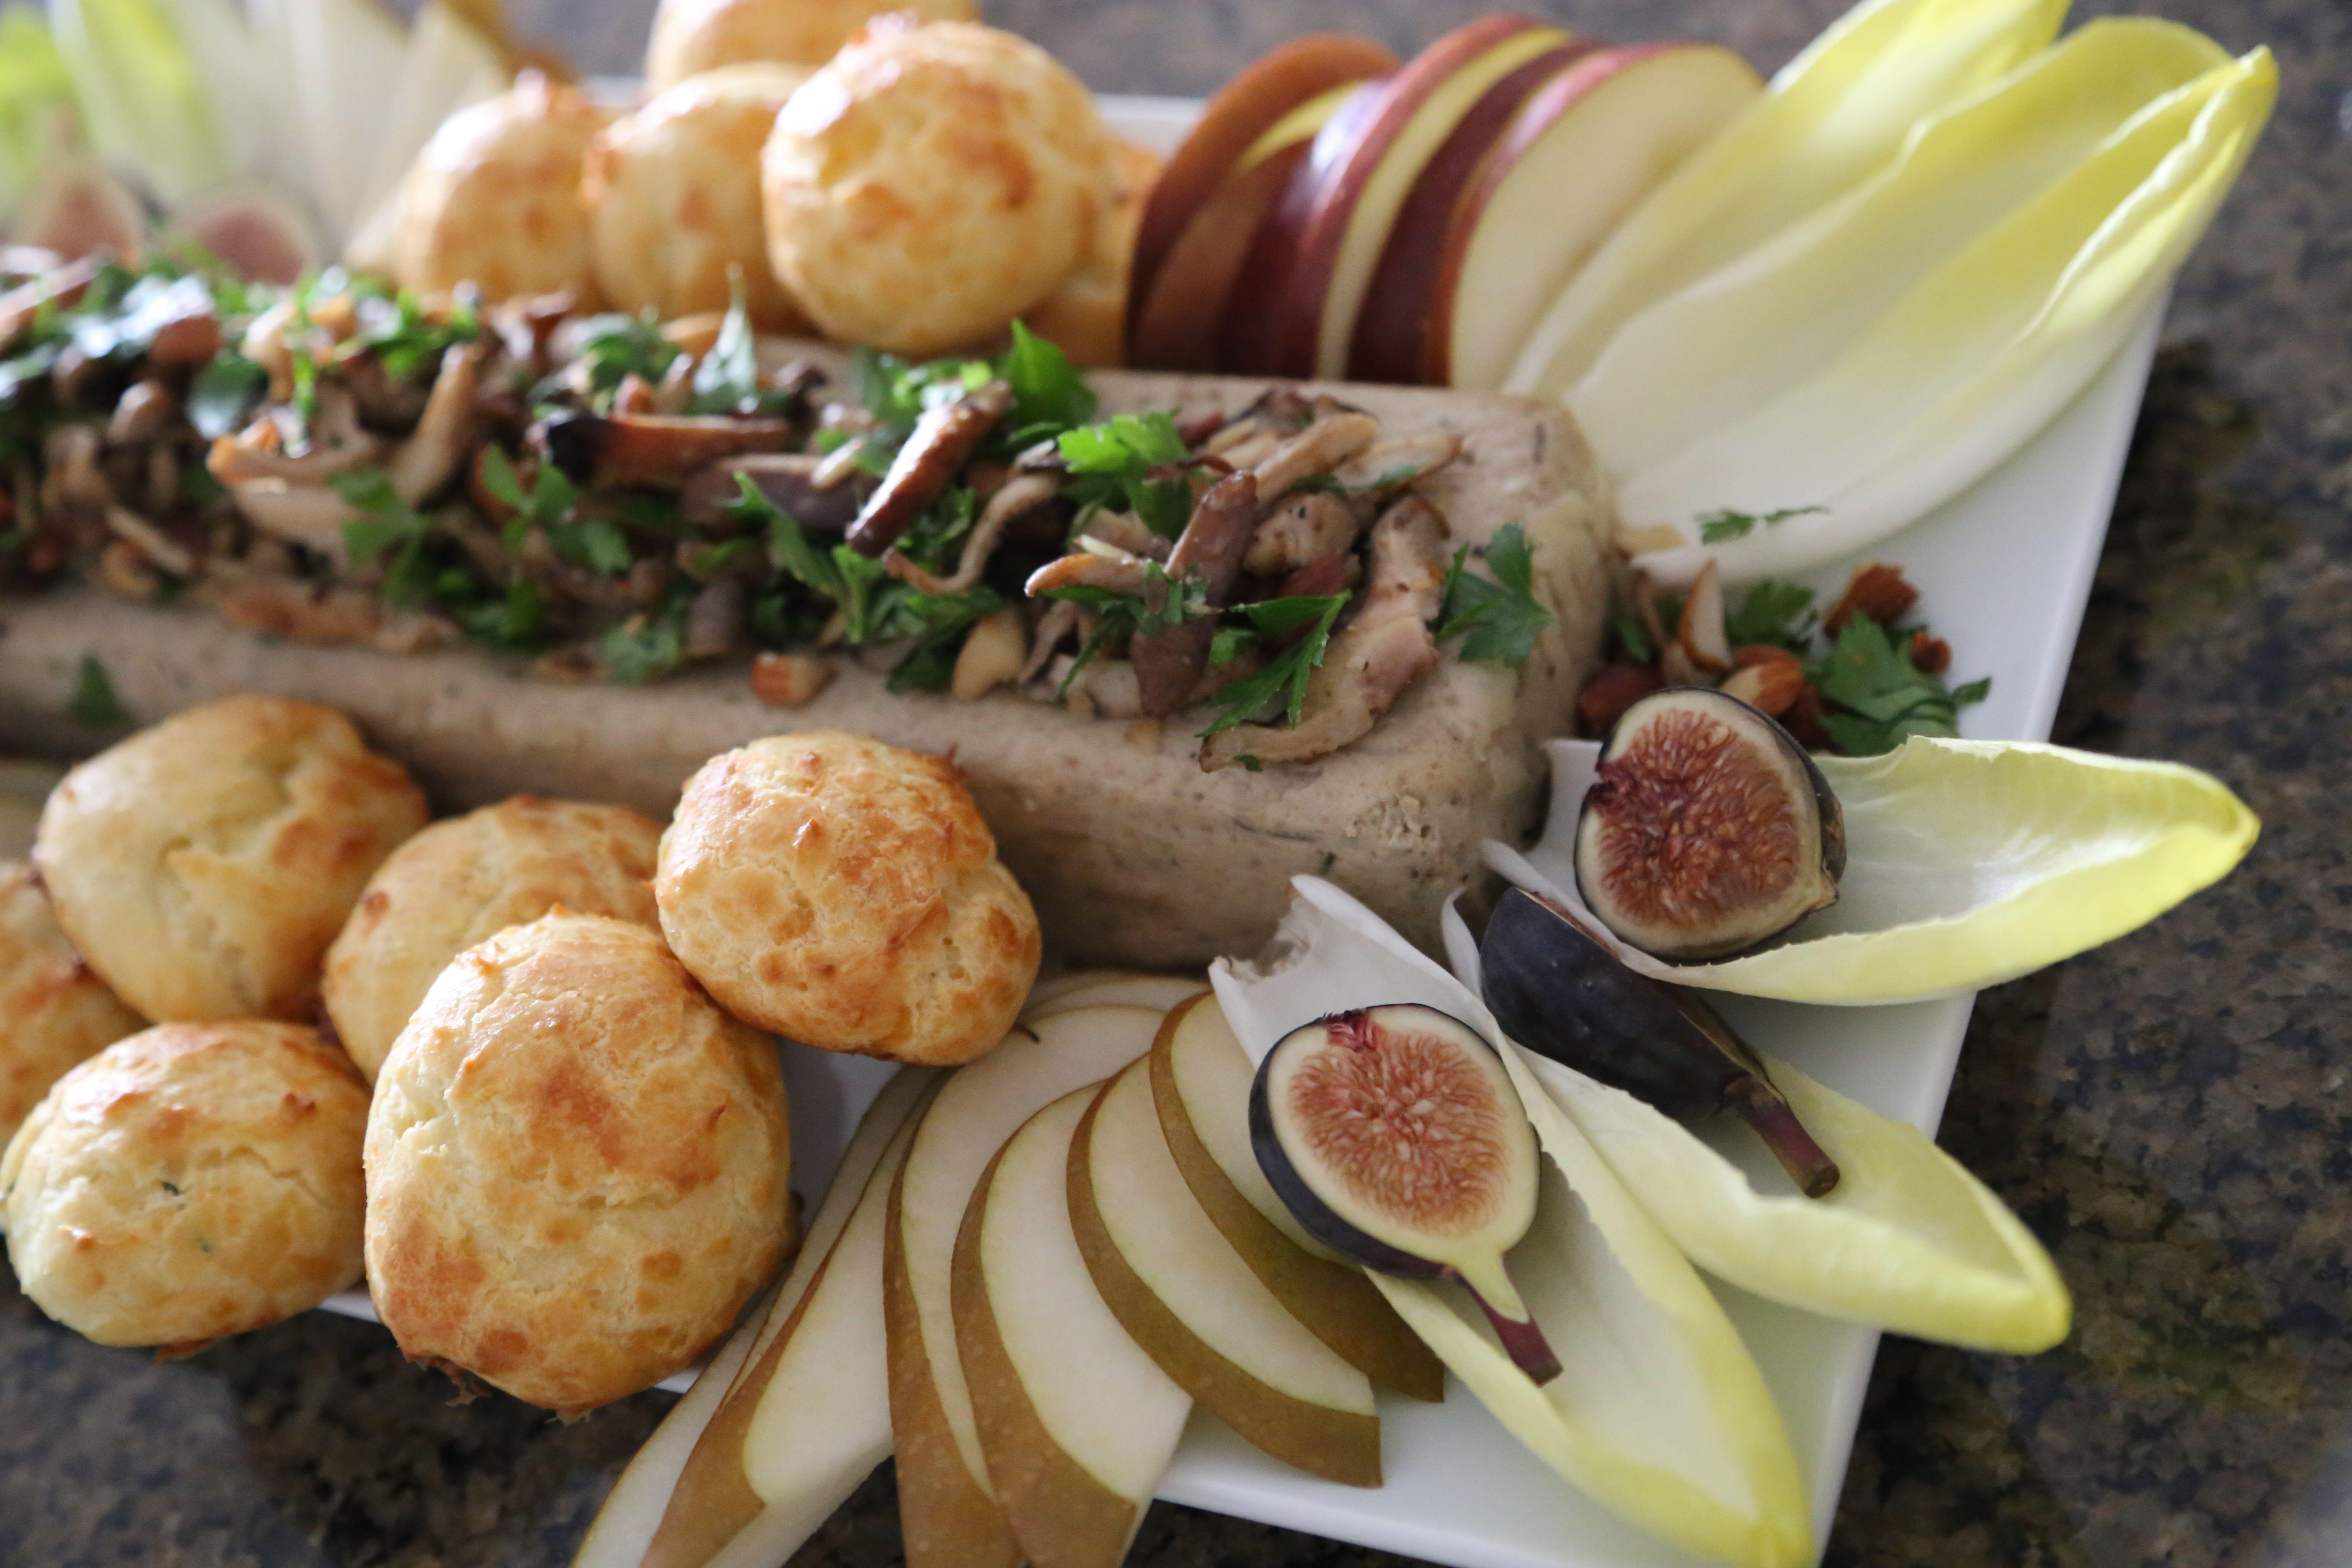 ... chanterelle mushroom exotic mushroom and walnut exotic mushroom pate